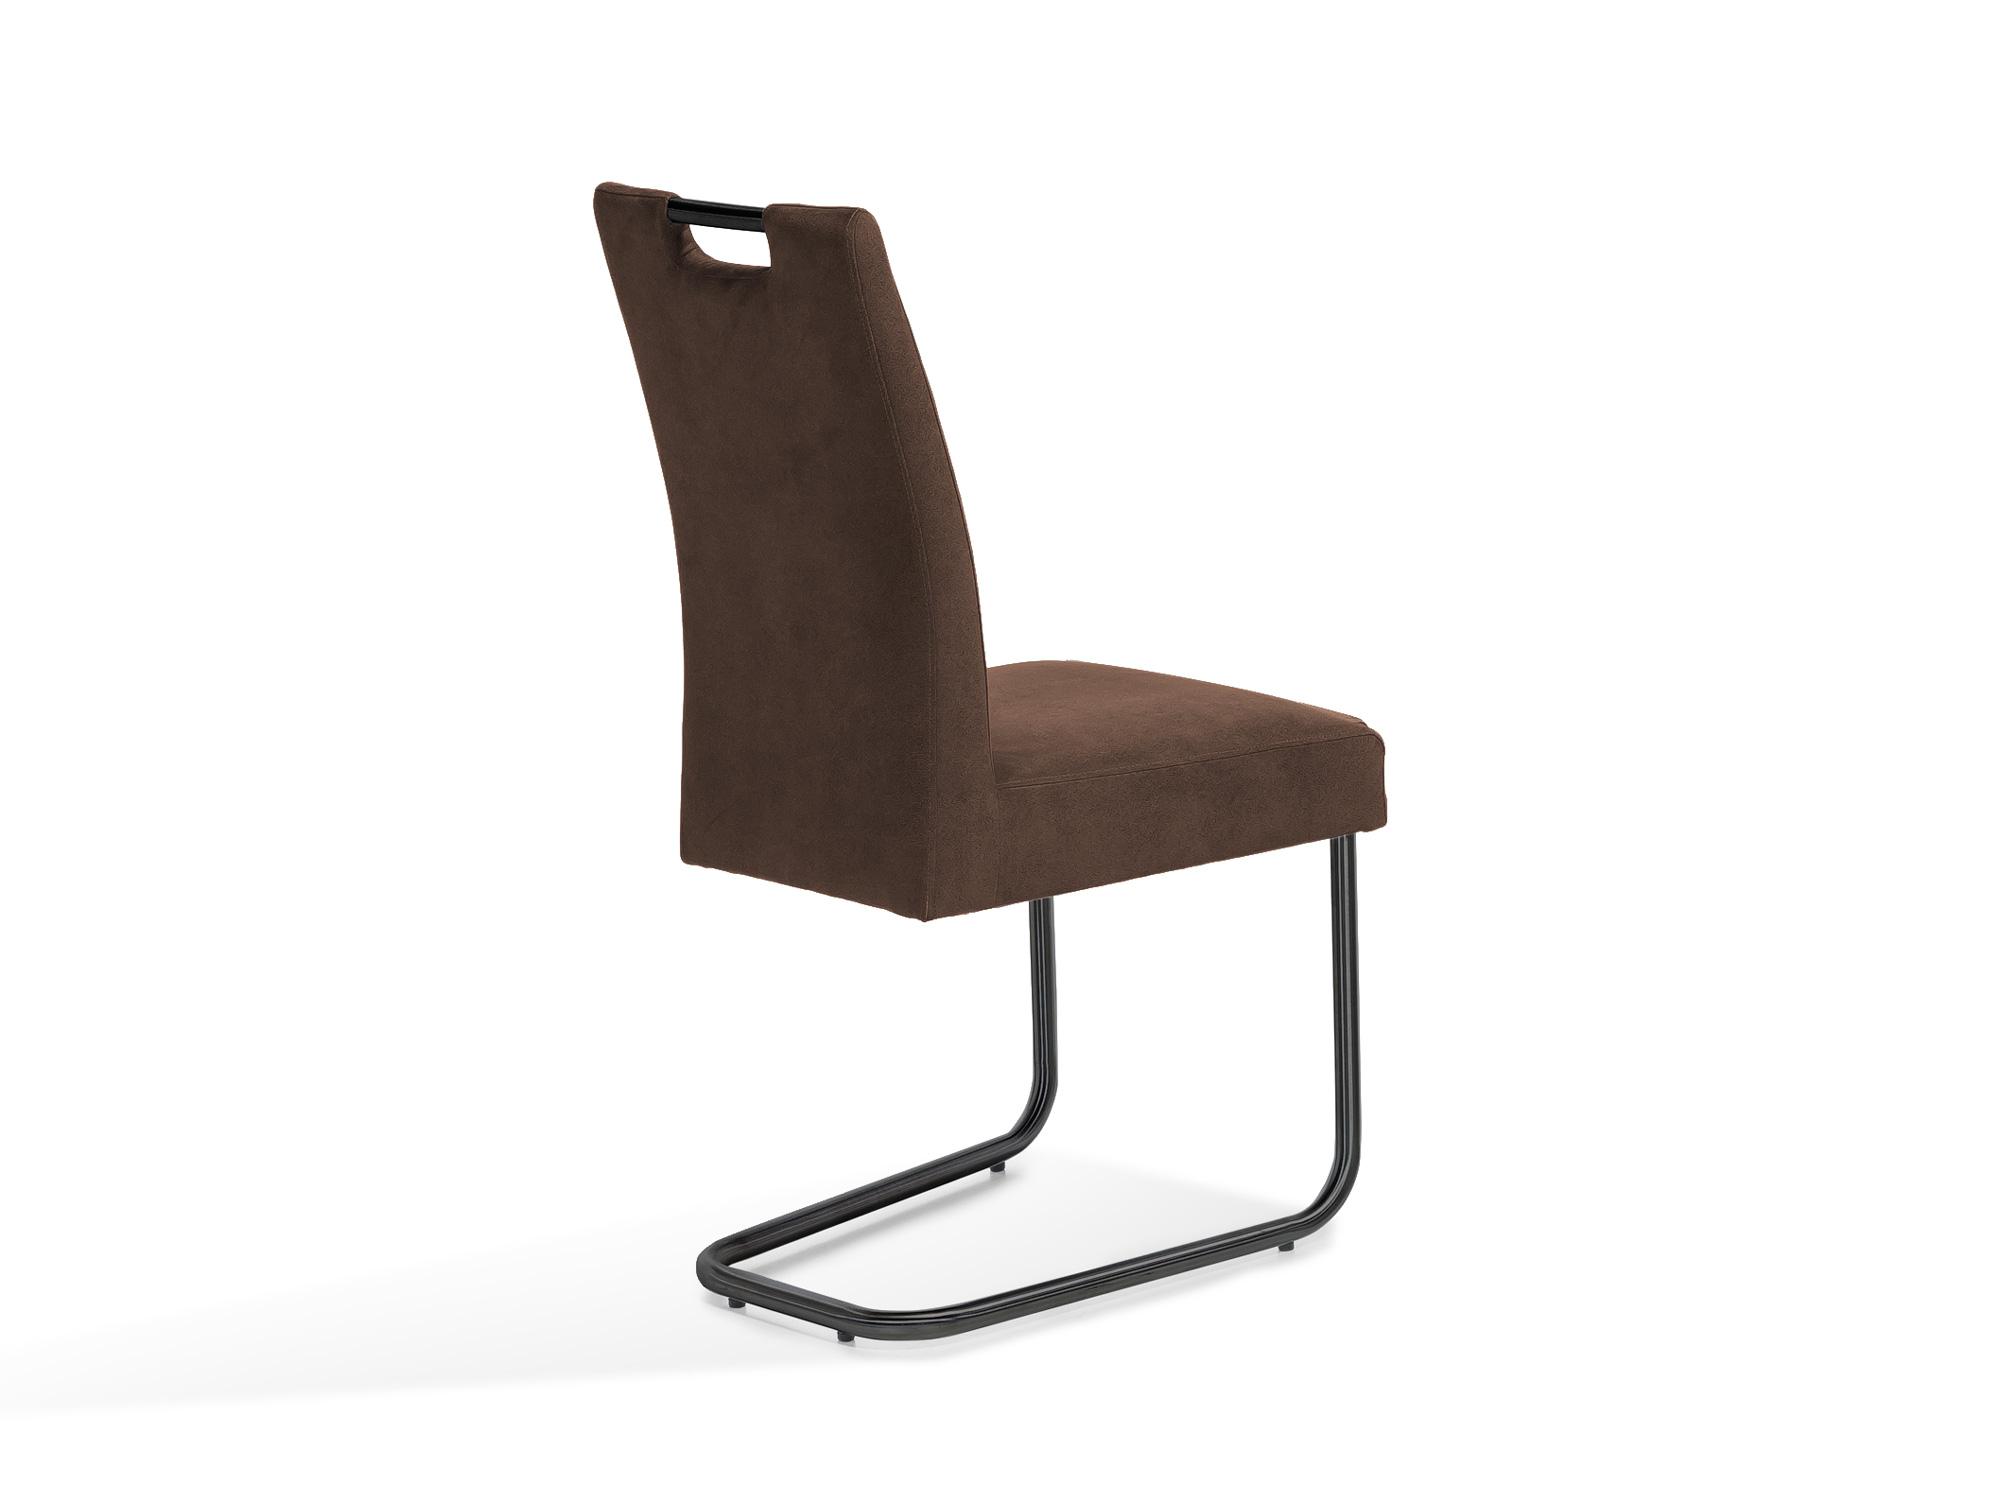 klara freischwinger gestell schwarz lackiert dunkelbraun. Black Bedroom Furniture Sets. Home Design Ideas